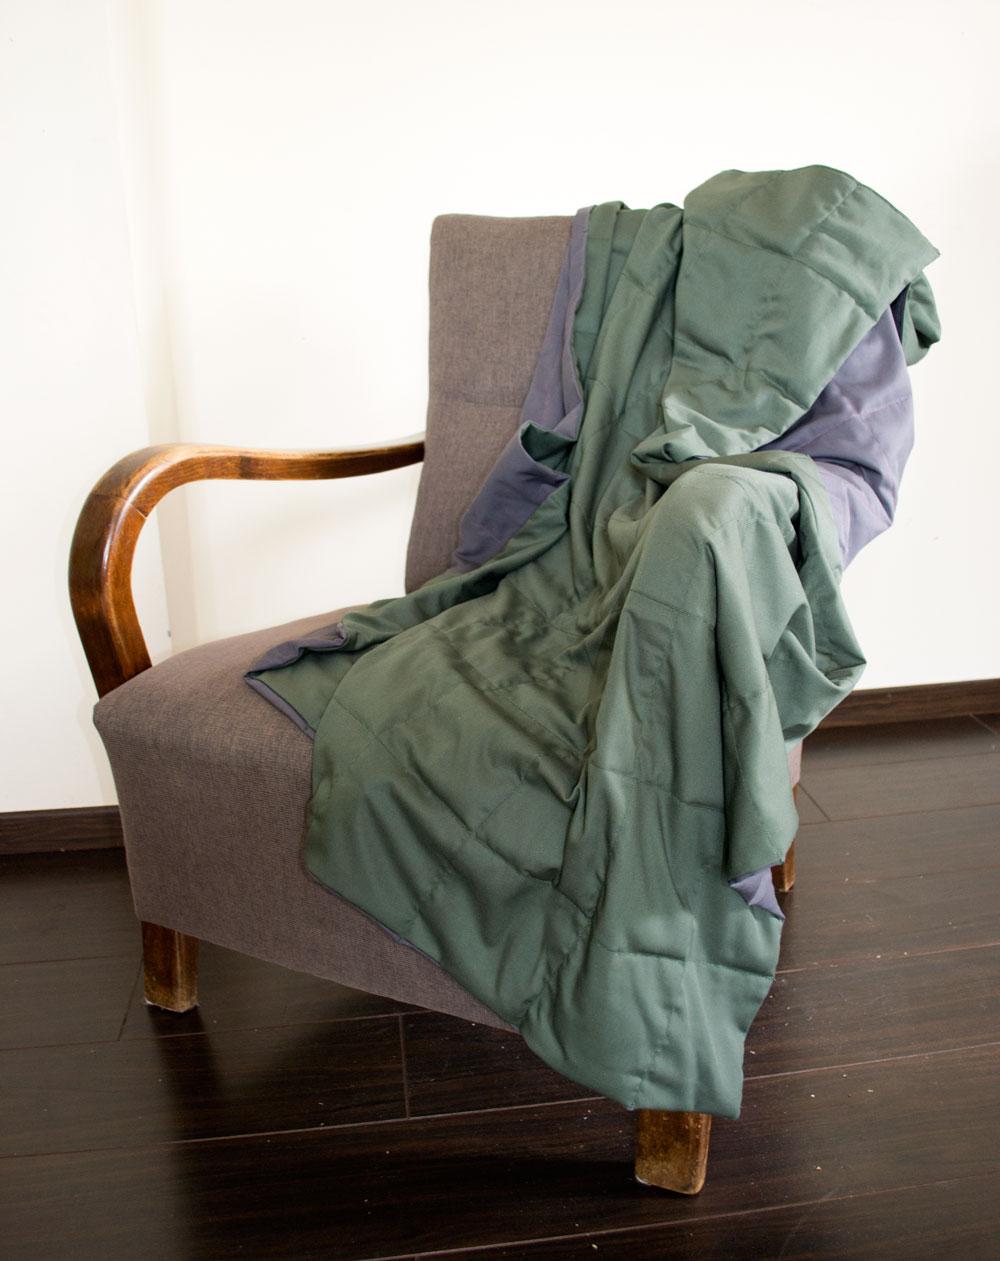 Mi is az a súlyozott takaró?